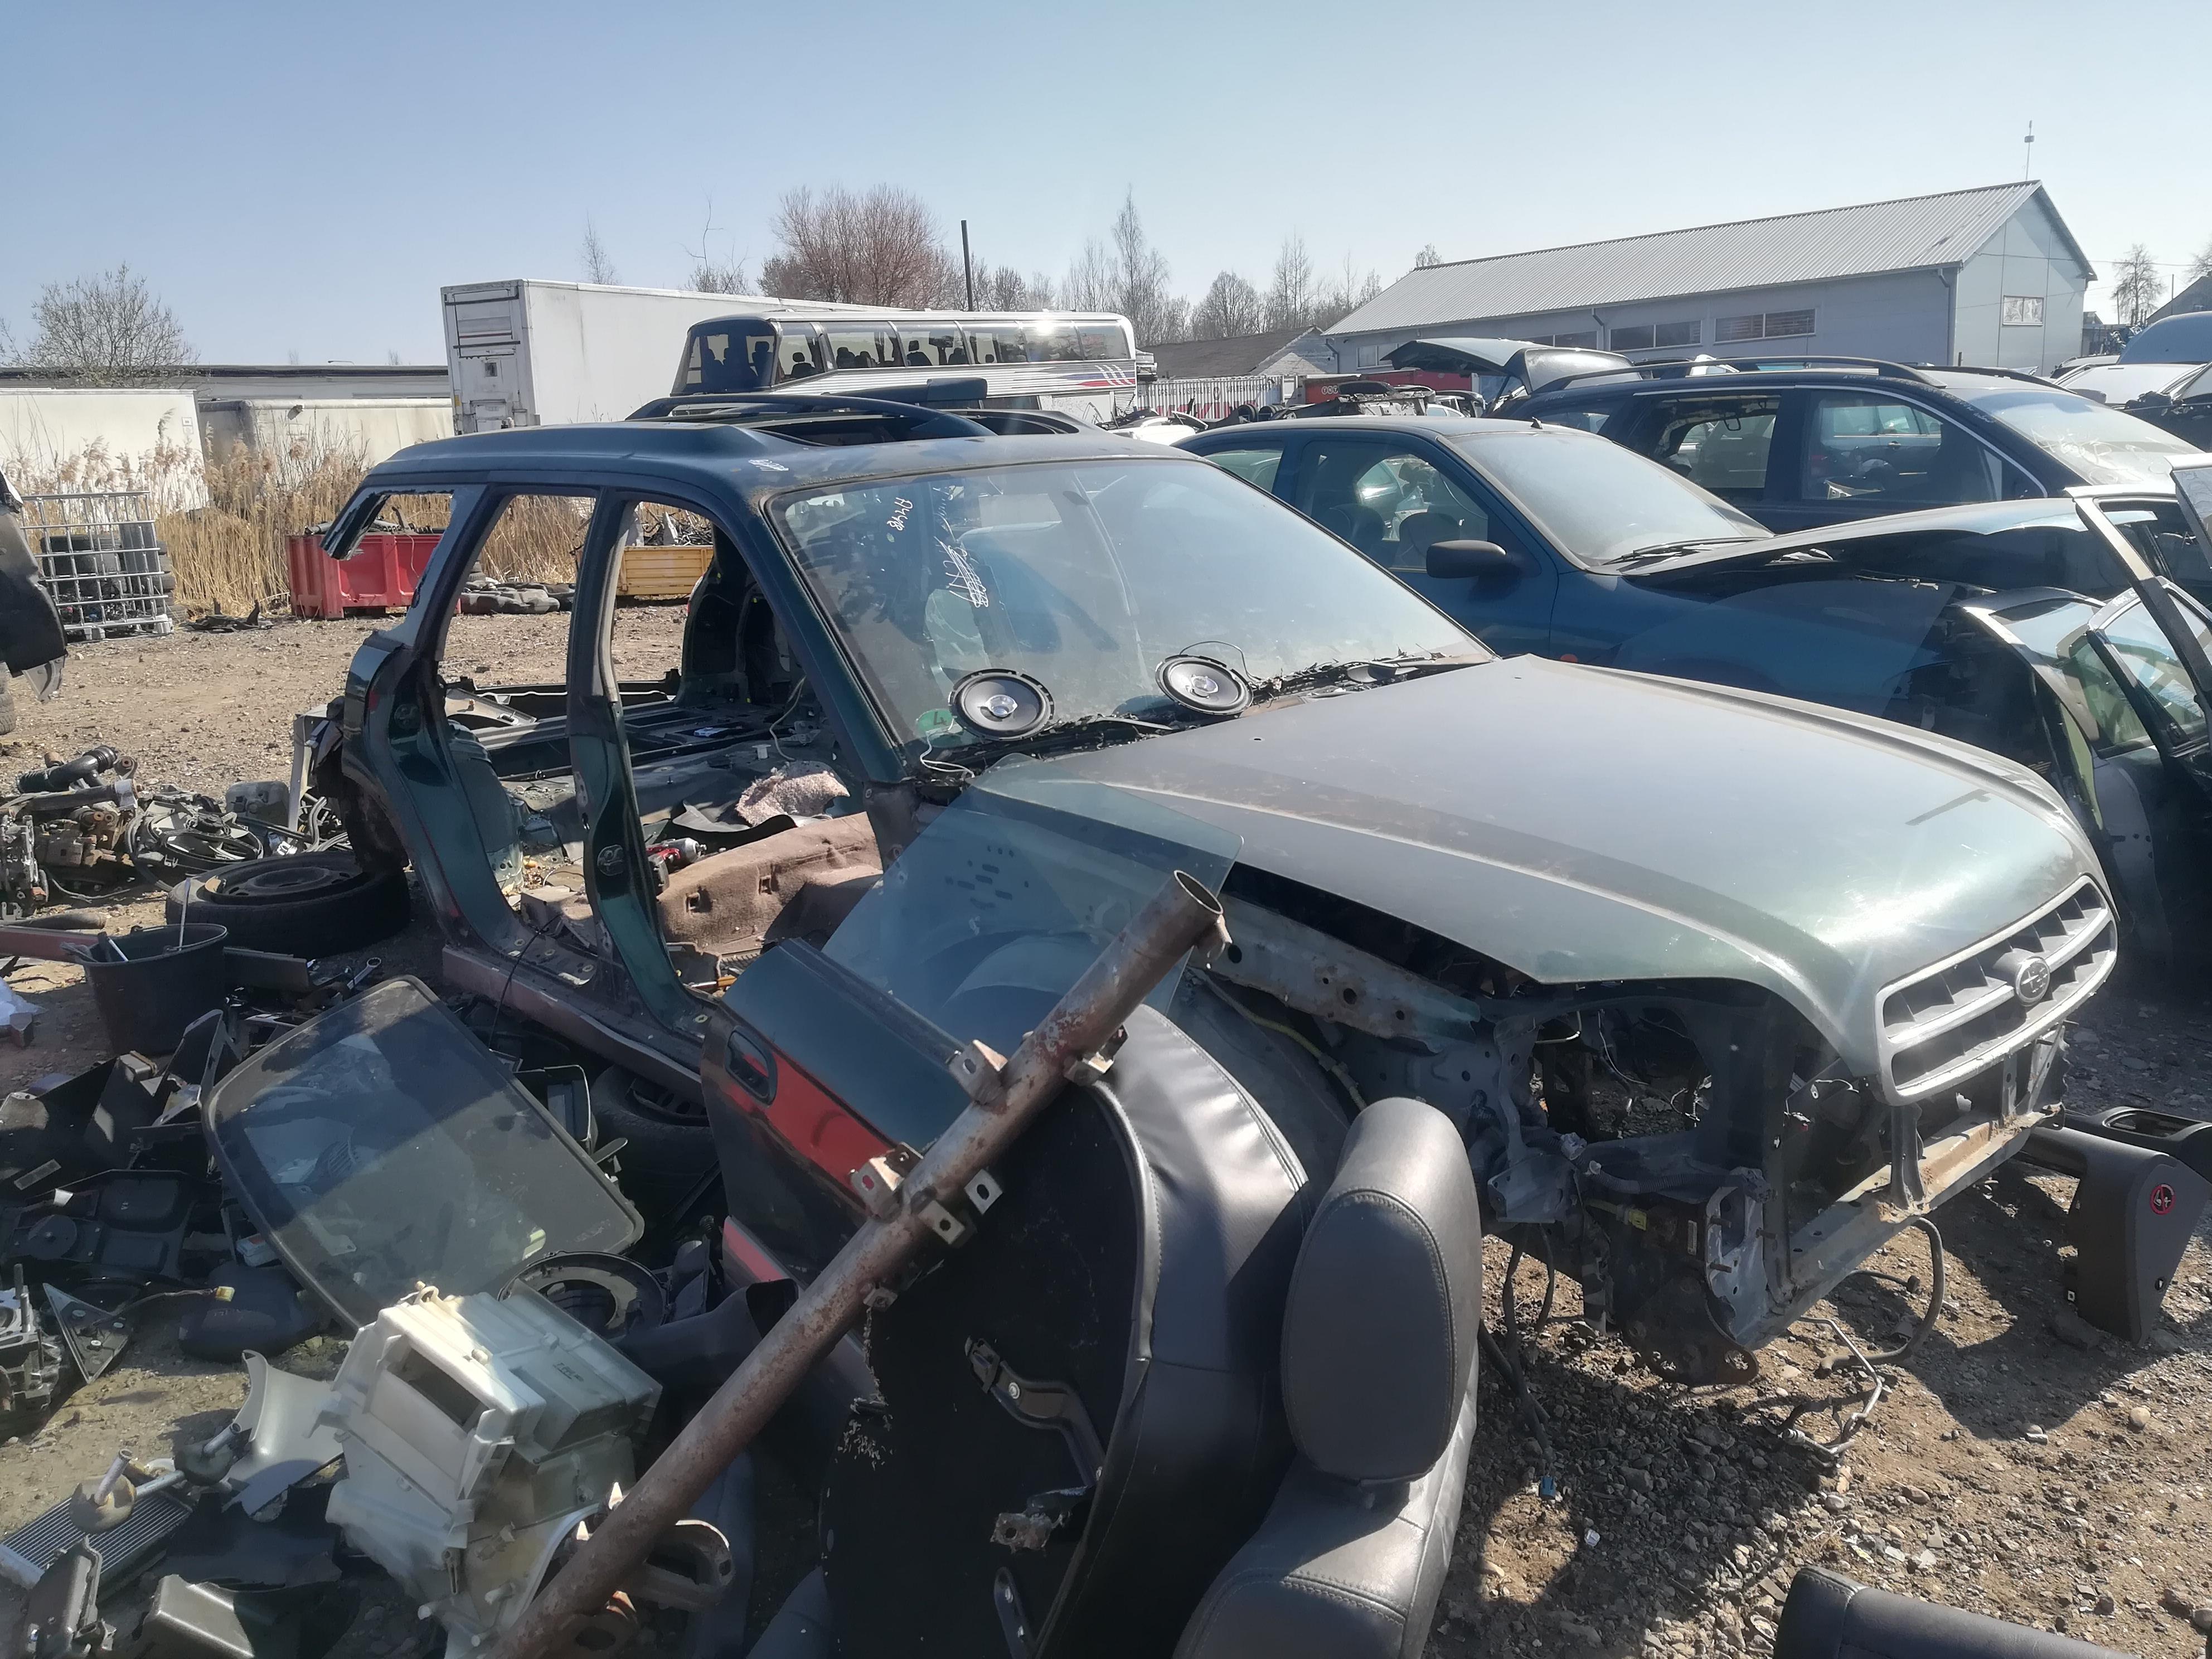 Подержанные Автозапчасти Foto 3 Subaru LEGACY 1999 2.5 автоматическая универсал 4/5 d. зеленый 2019-4-12 A4418